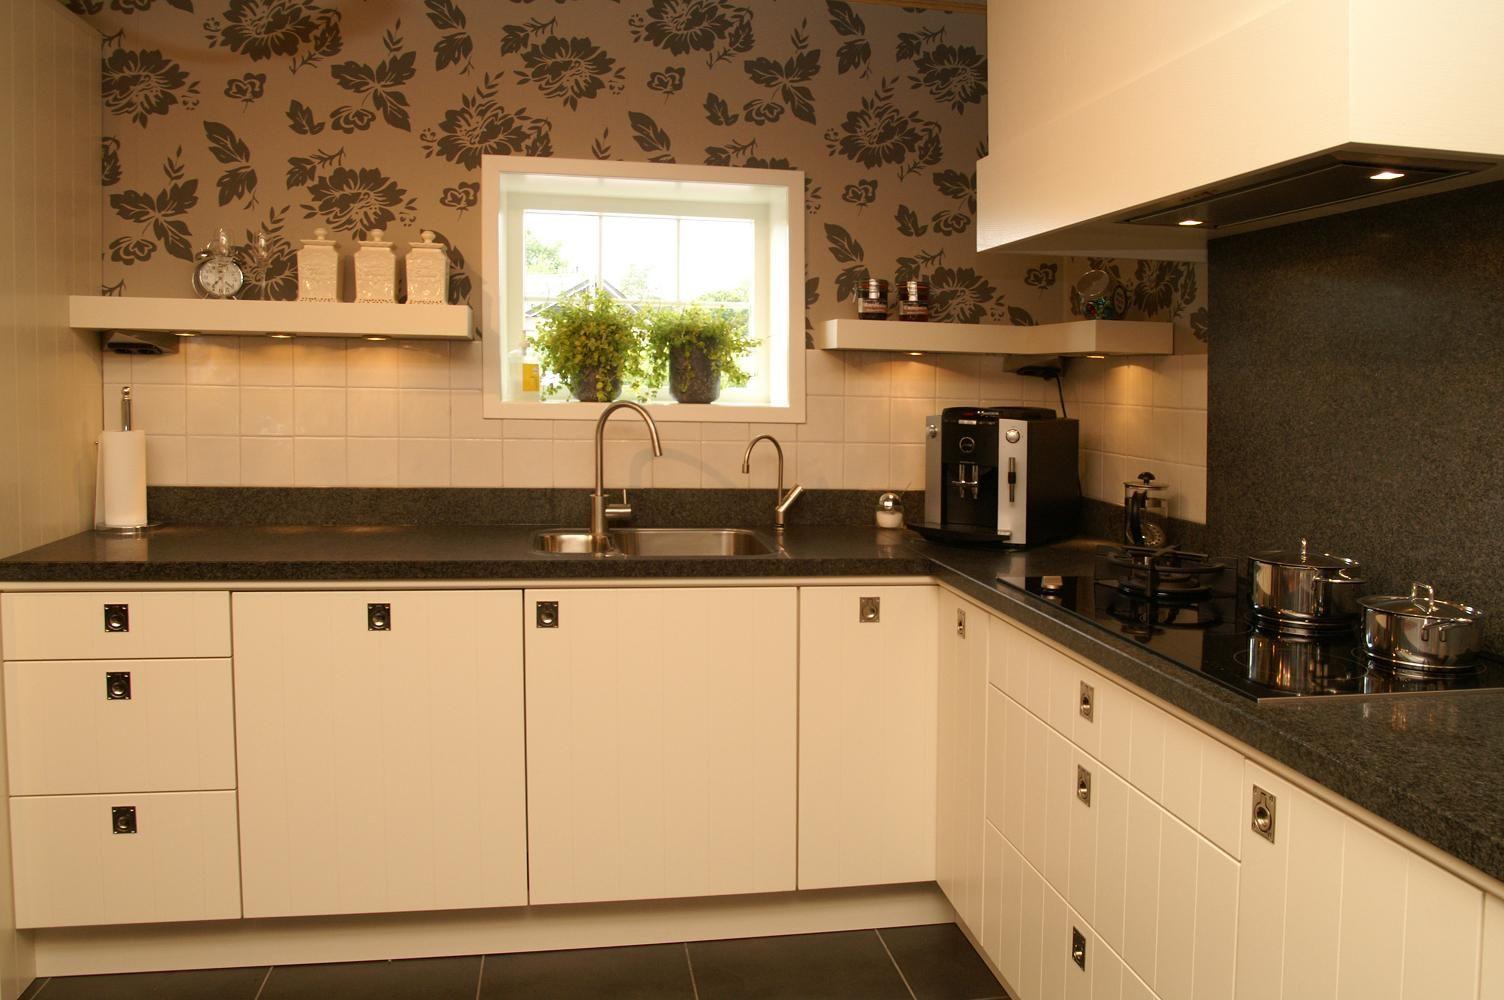 De grootste en voordeligste keukenwinkel van nederland rotpunkt memory 32208 - Afbeelding van keuken amenagee ...